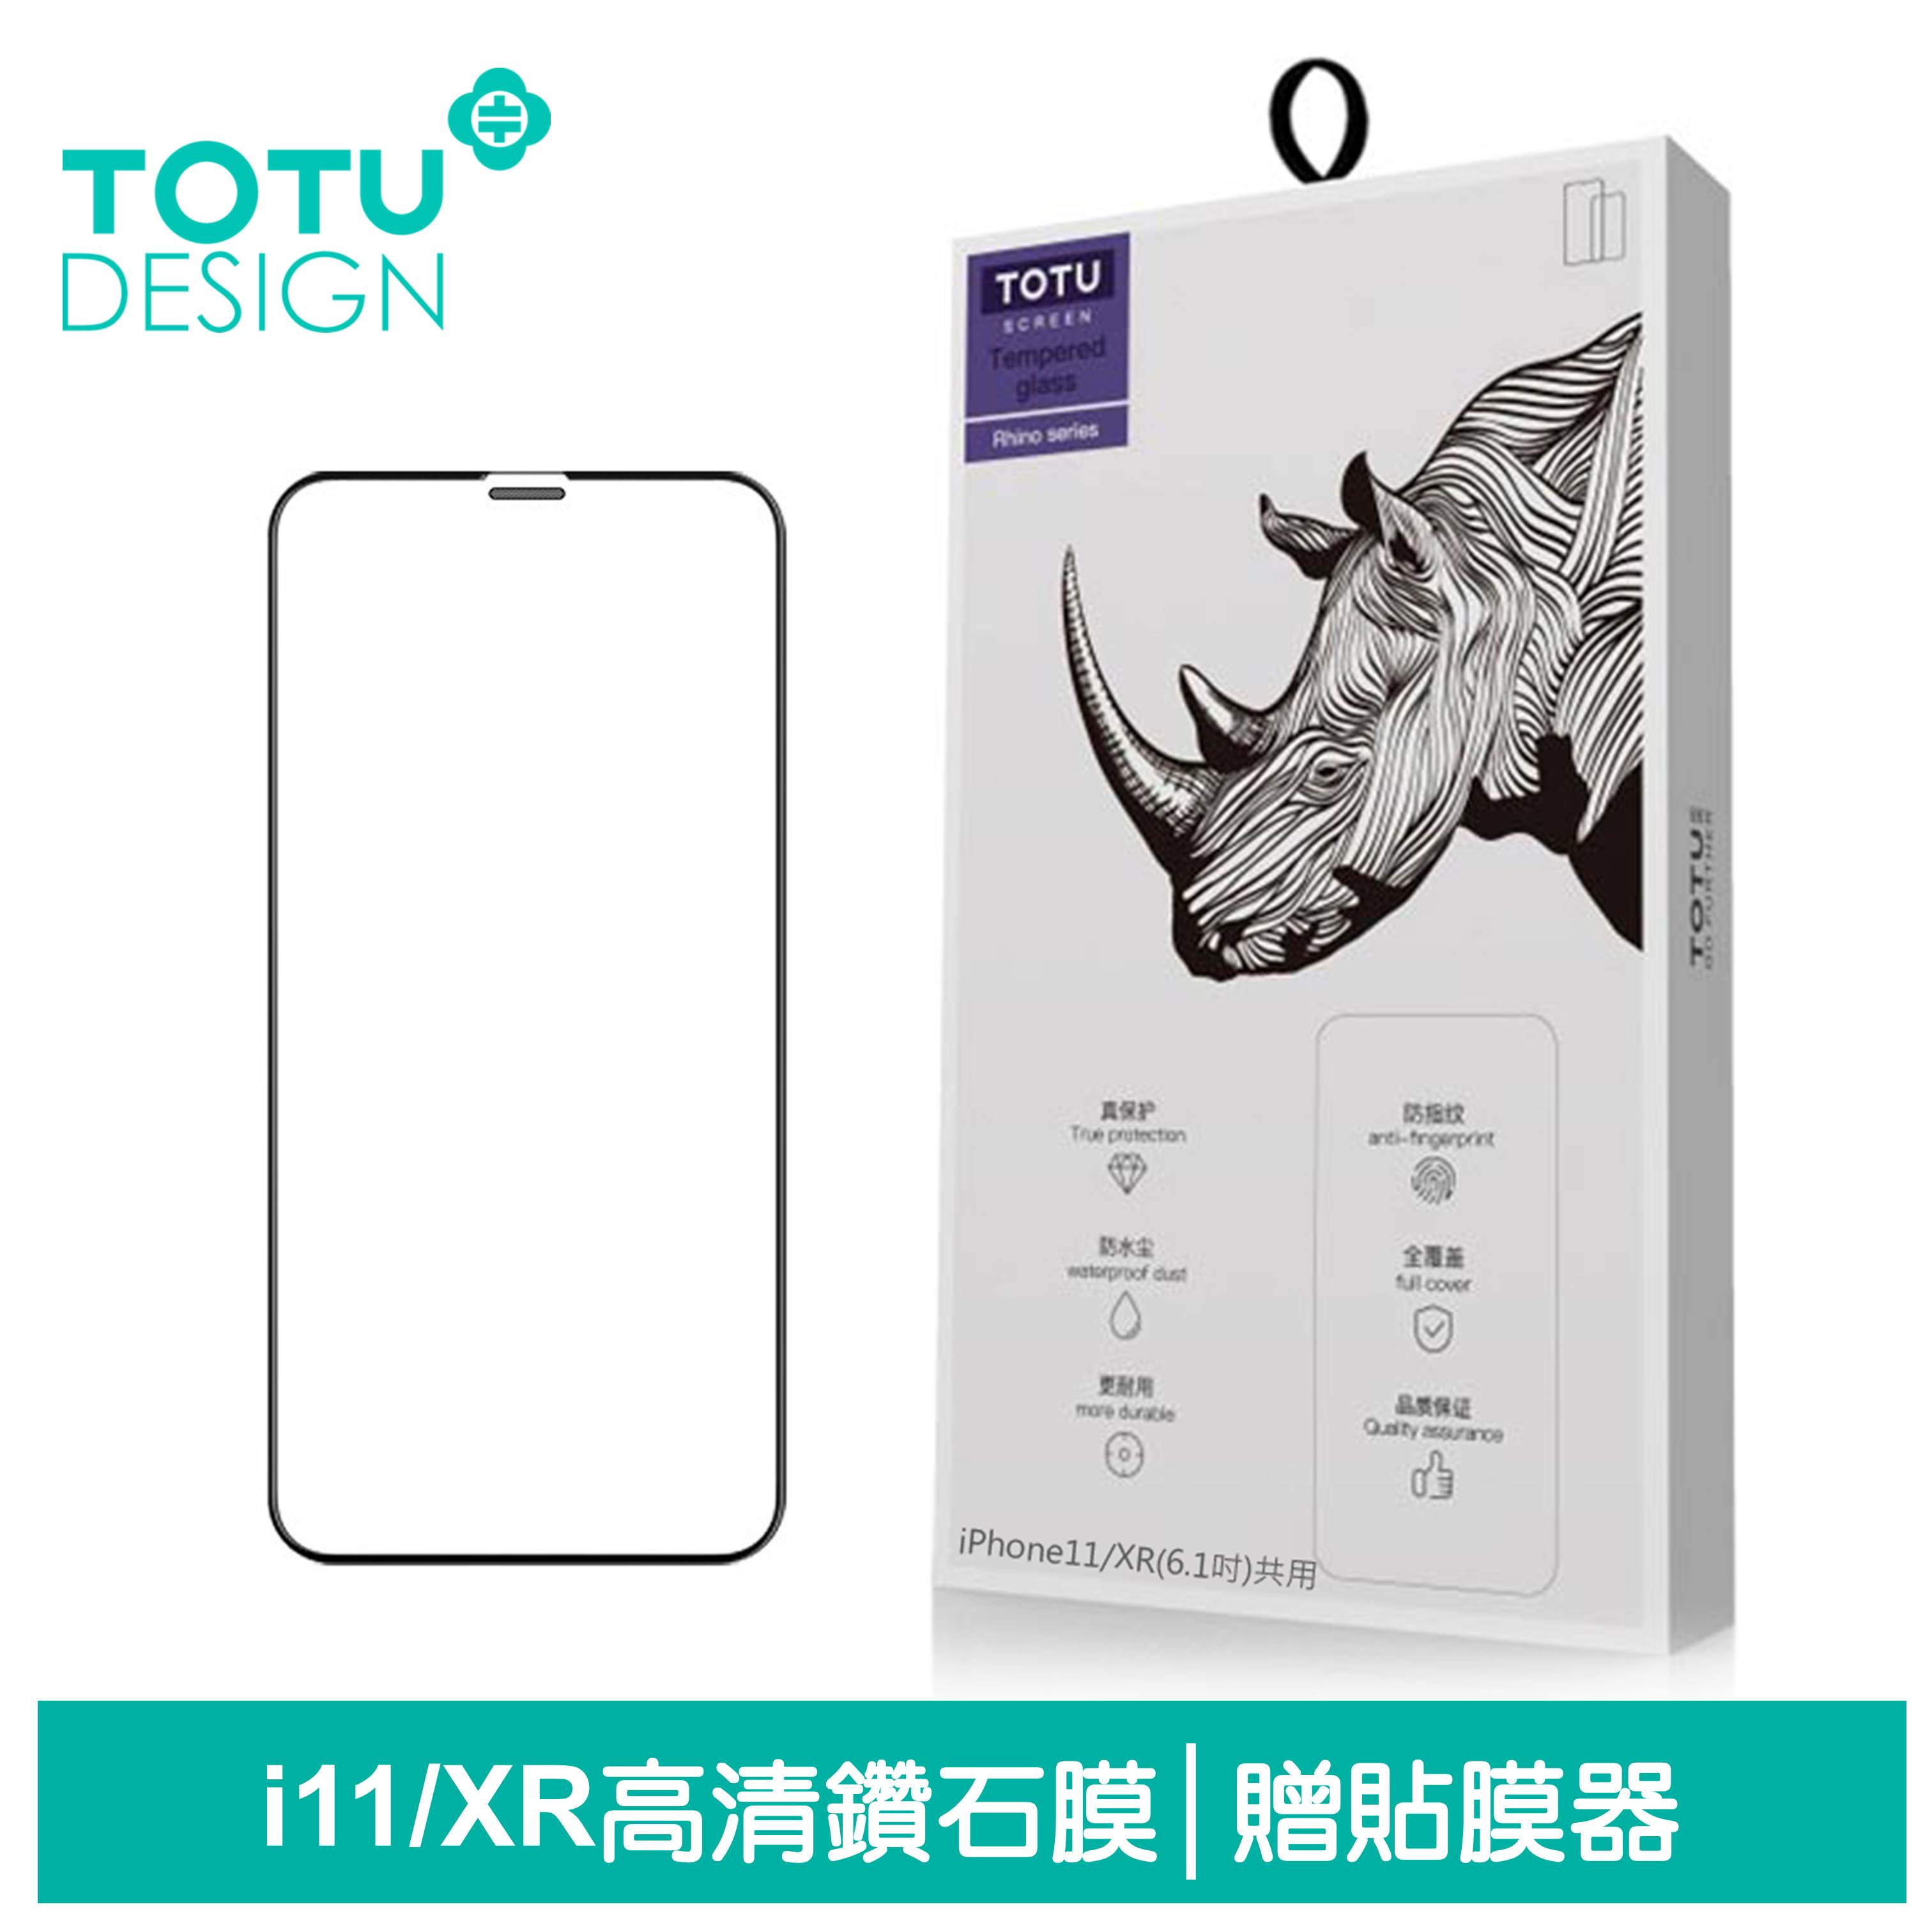 TOTU台灣官方 iPhone11/XR鋼化膜保護貼保貼4K滿版寶石防塵 贈貼膜器 犀牛家族